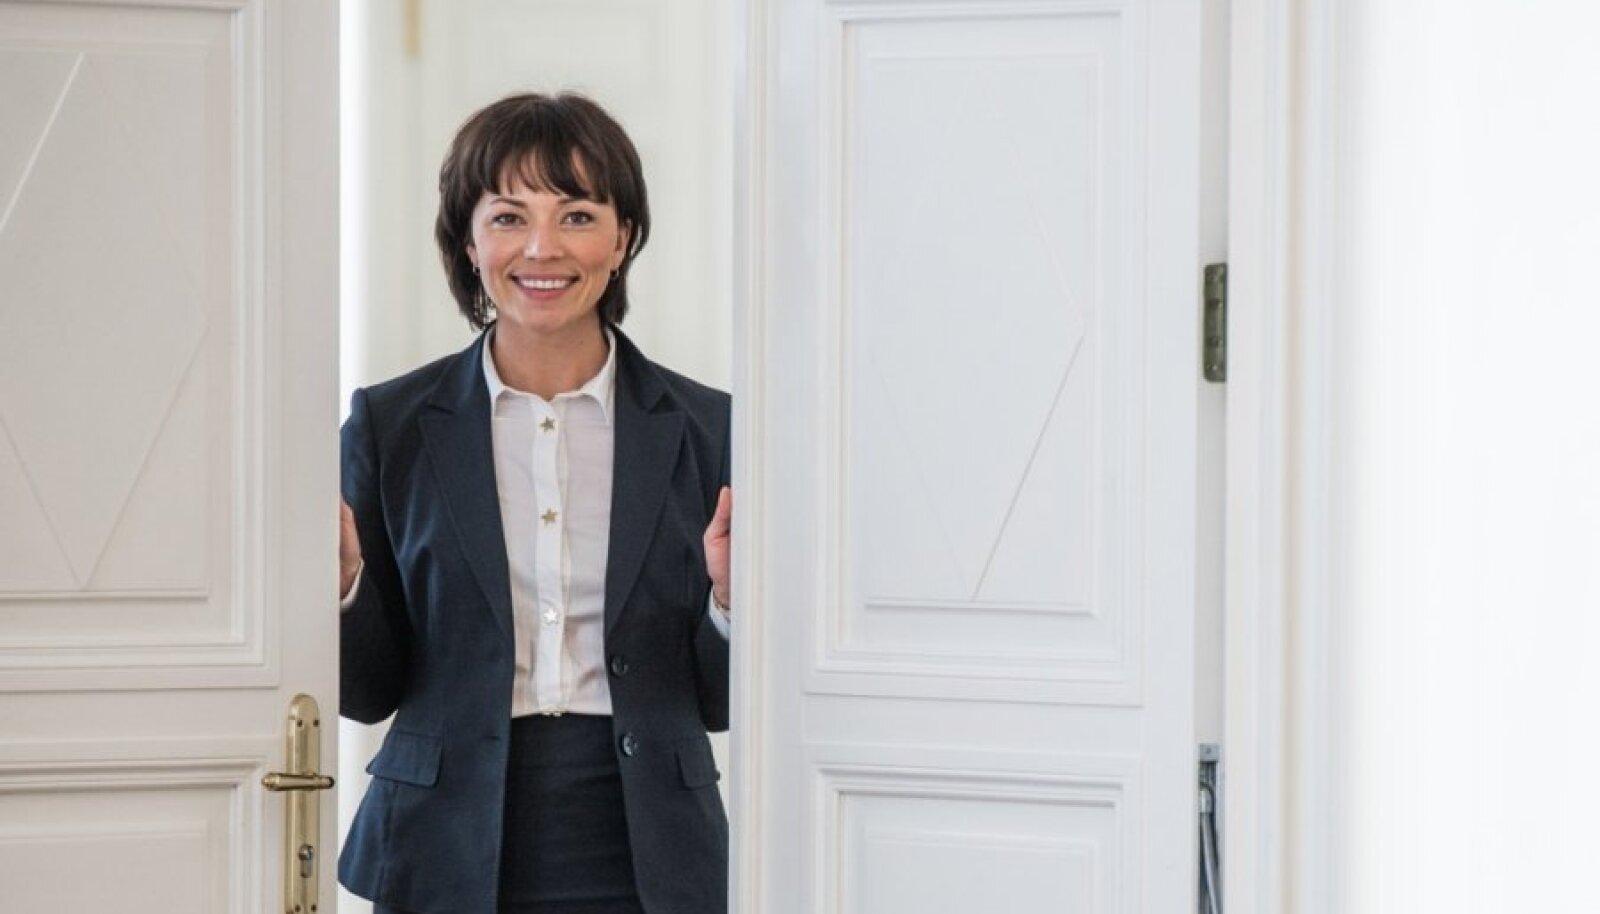 Stenbocki majast saab Liina Kersna kaasa mitu väga head sõpra ja palju infot riigi toimimise kohta.